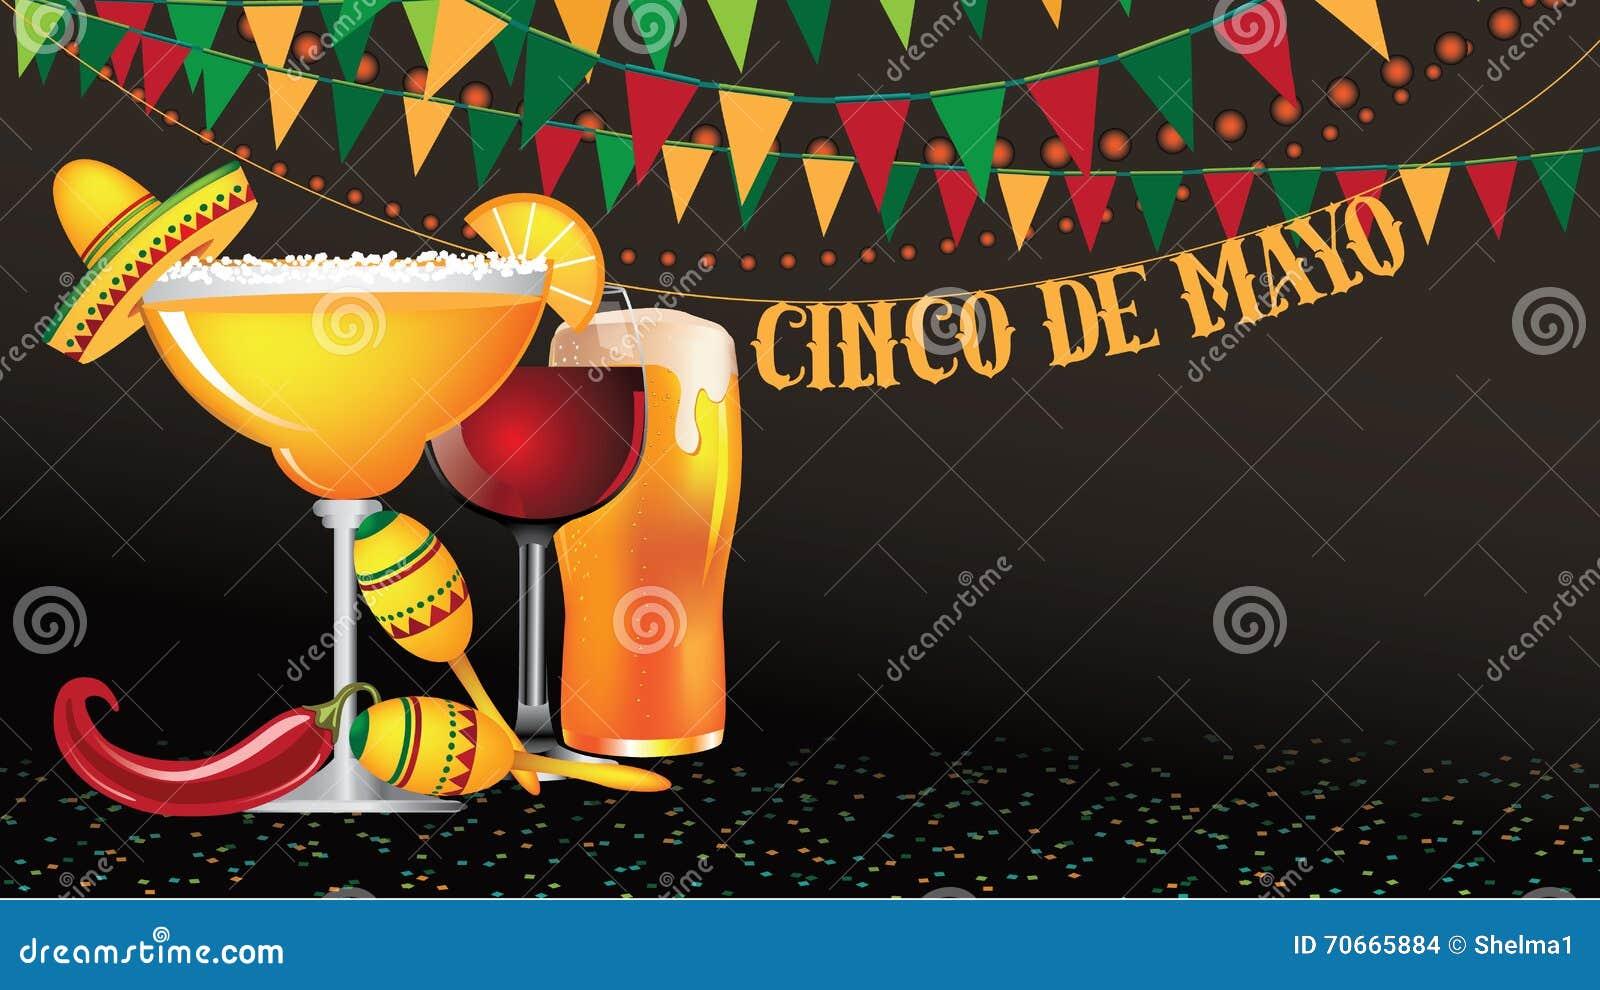 Bunting van Cinco De Mayo achtergrond met groot scherm